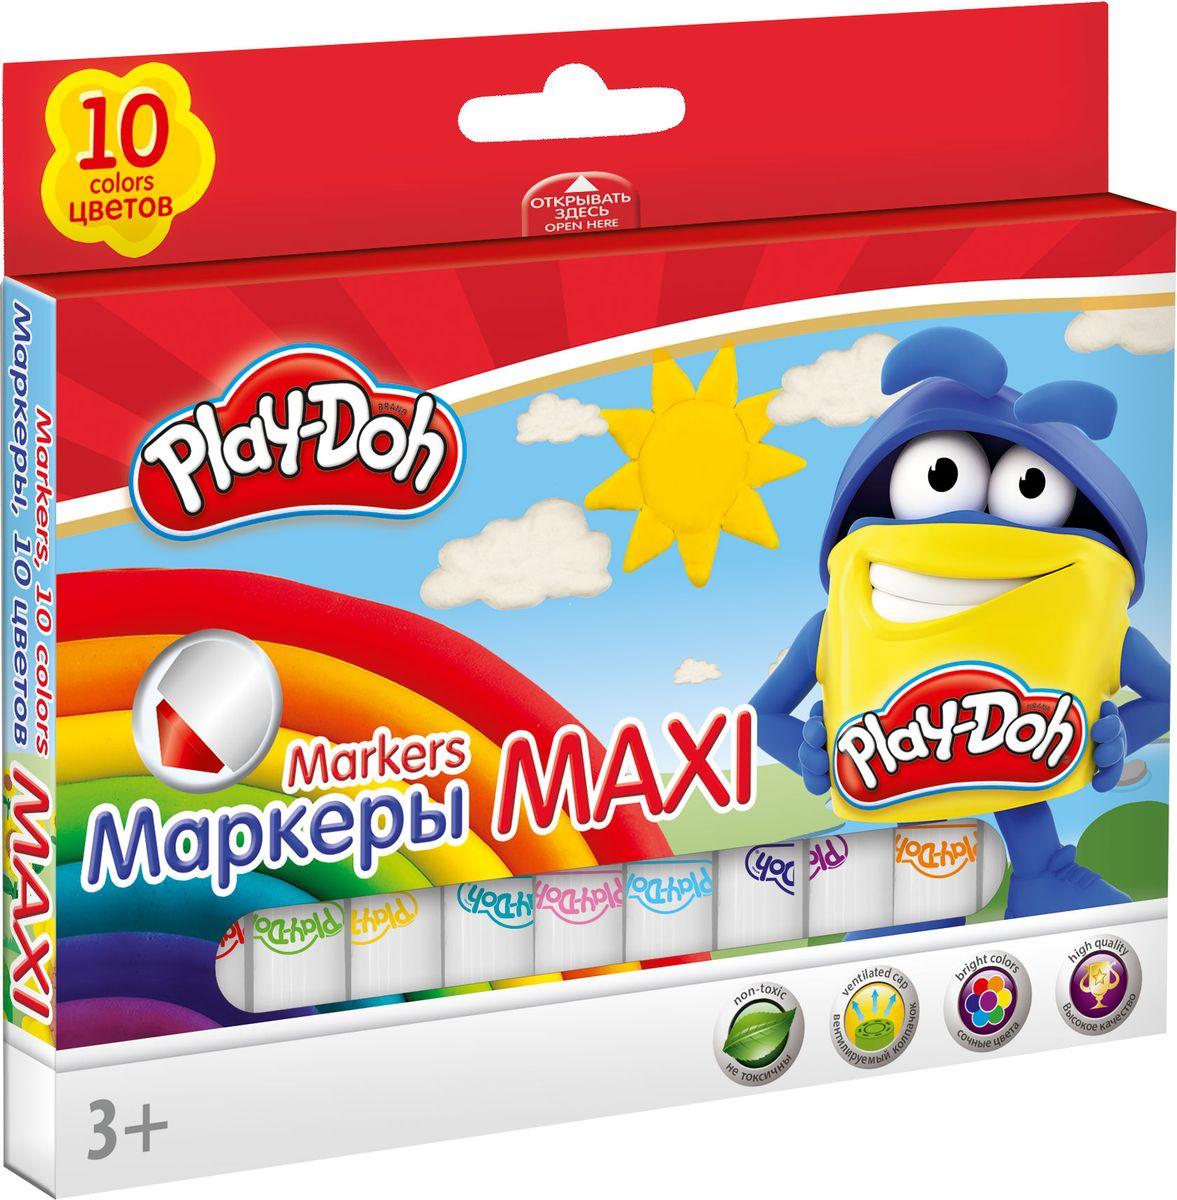 Play Doh Набор цветных маркеров Maxi 10 штPDDB-US1-7MB-10Набор маркеров Play-Doh Maxi, предназначенный специально для рисования и закрашивания, обязательно порадует юных художников и поможет им создать яркие и неповторимые картинки.Корпус маркеров изготовлен из высококачественного нетоксичного пластика, а вентилируемый колпачок увеличивает срок службы чернил и предотвращает их преждевременное высыхание. Эргономичная форма корпуса увеличенной толщины обеспечивает комфортное и легкое рисование.Набор включает в себя 10 маркеров ярких насыщенных цветов.